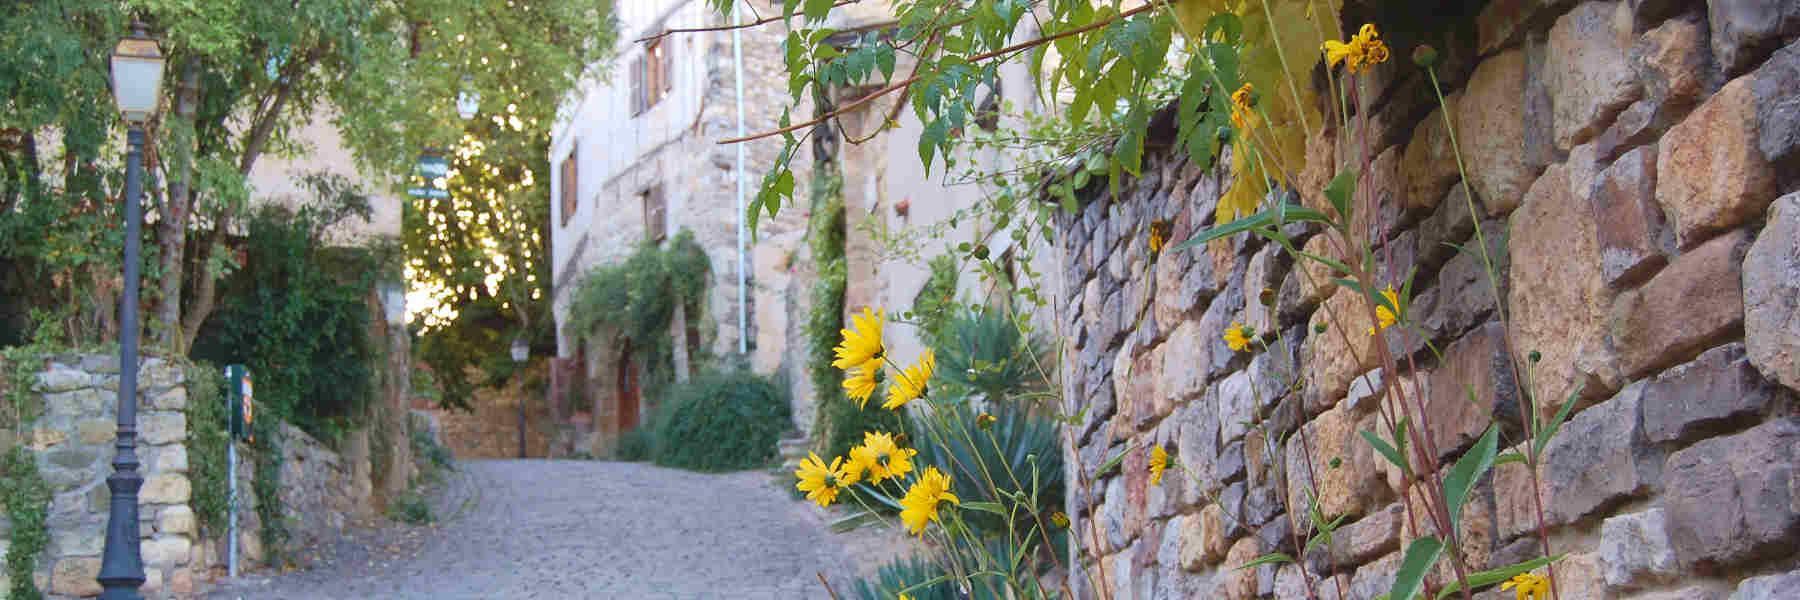 Visite du village de Cordes-sur-Ciel